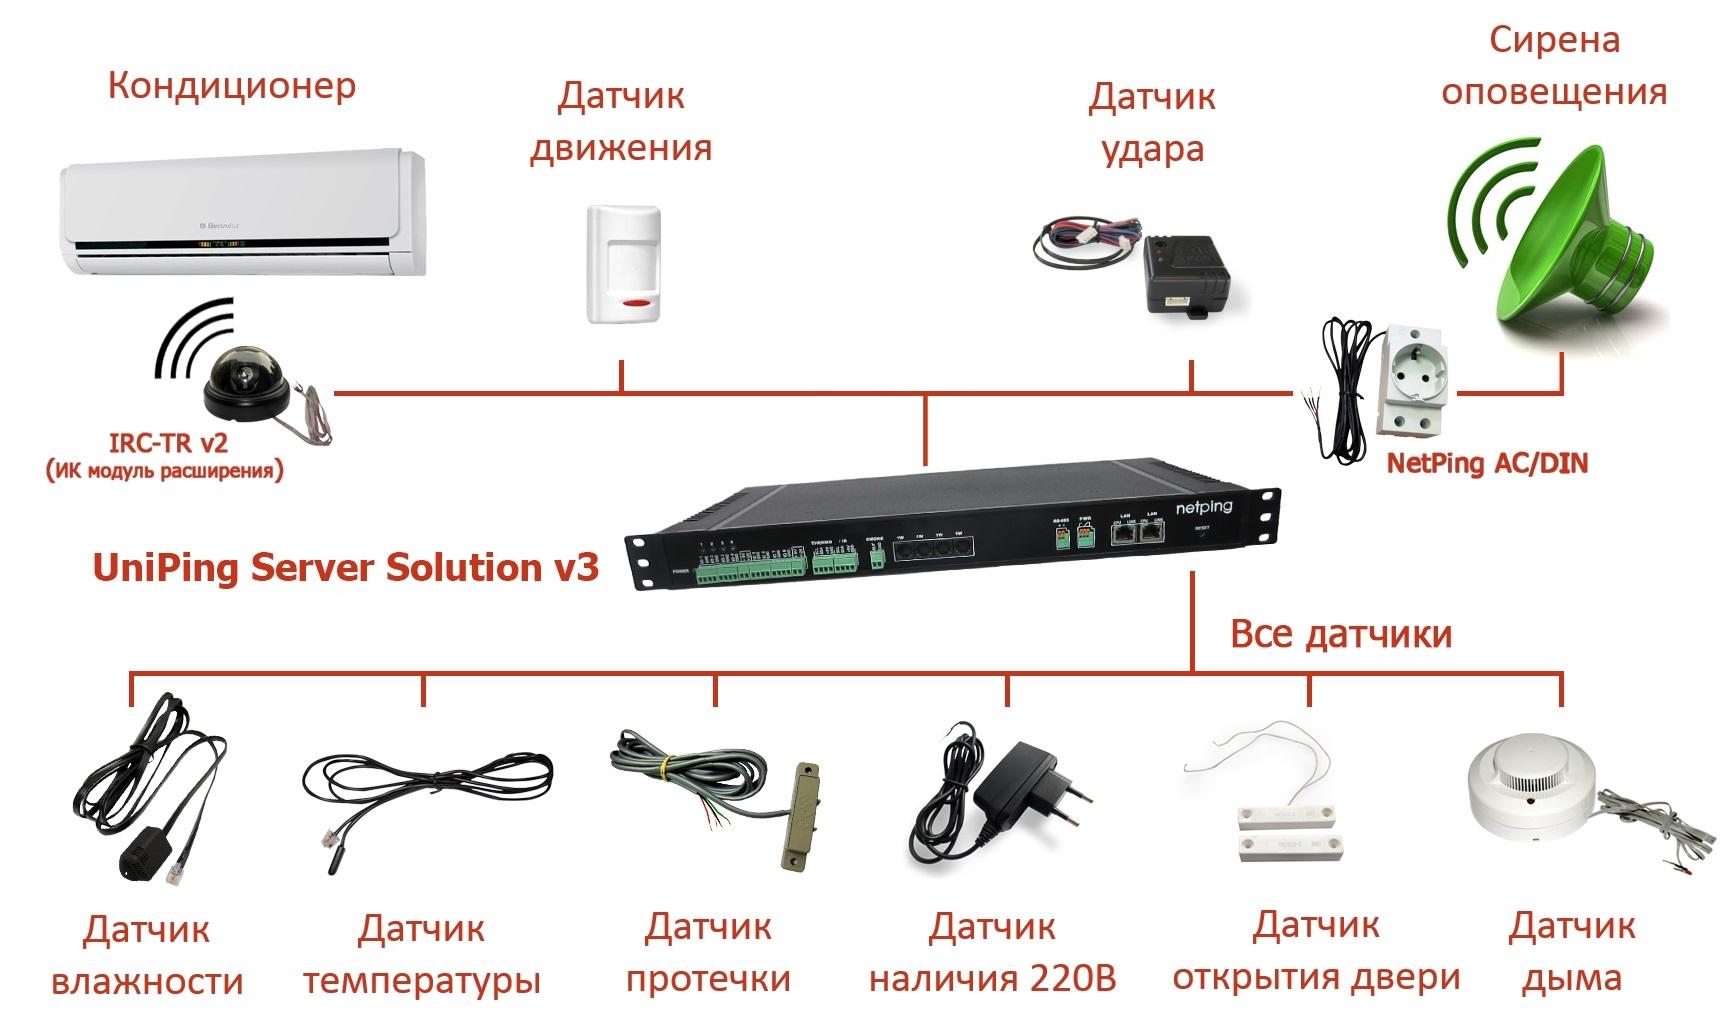 UniPing server solution v3 с комплектом датчиков